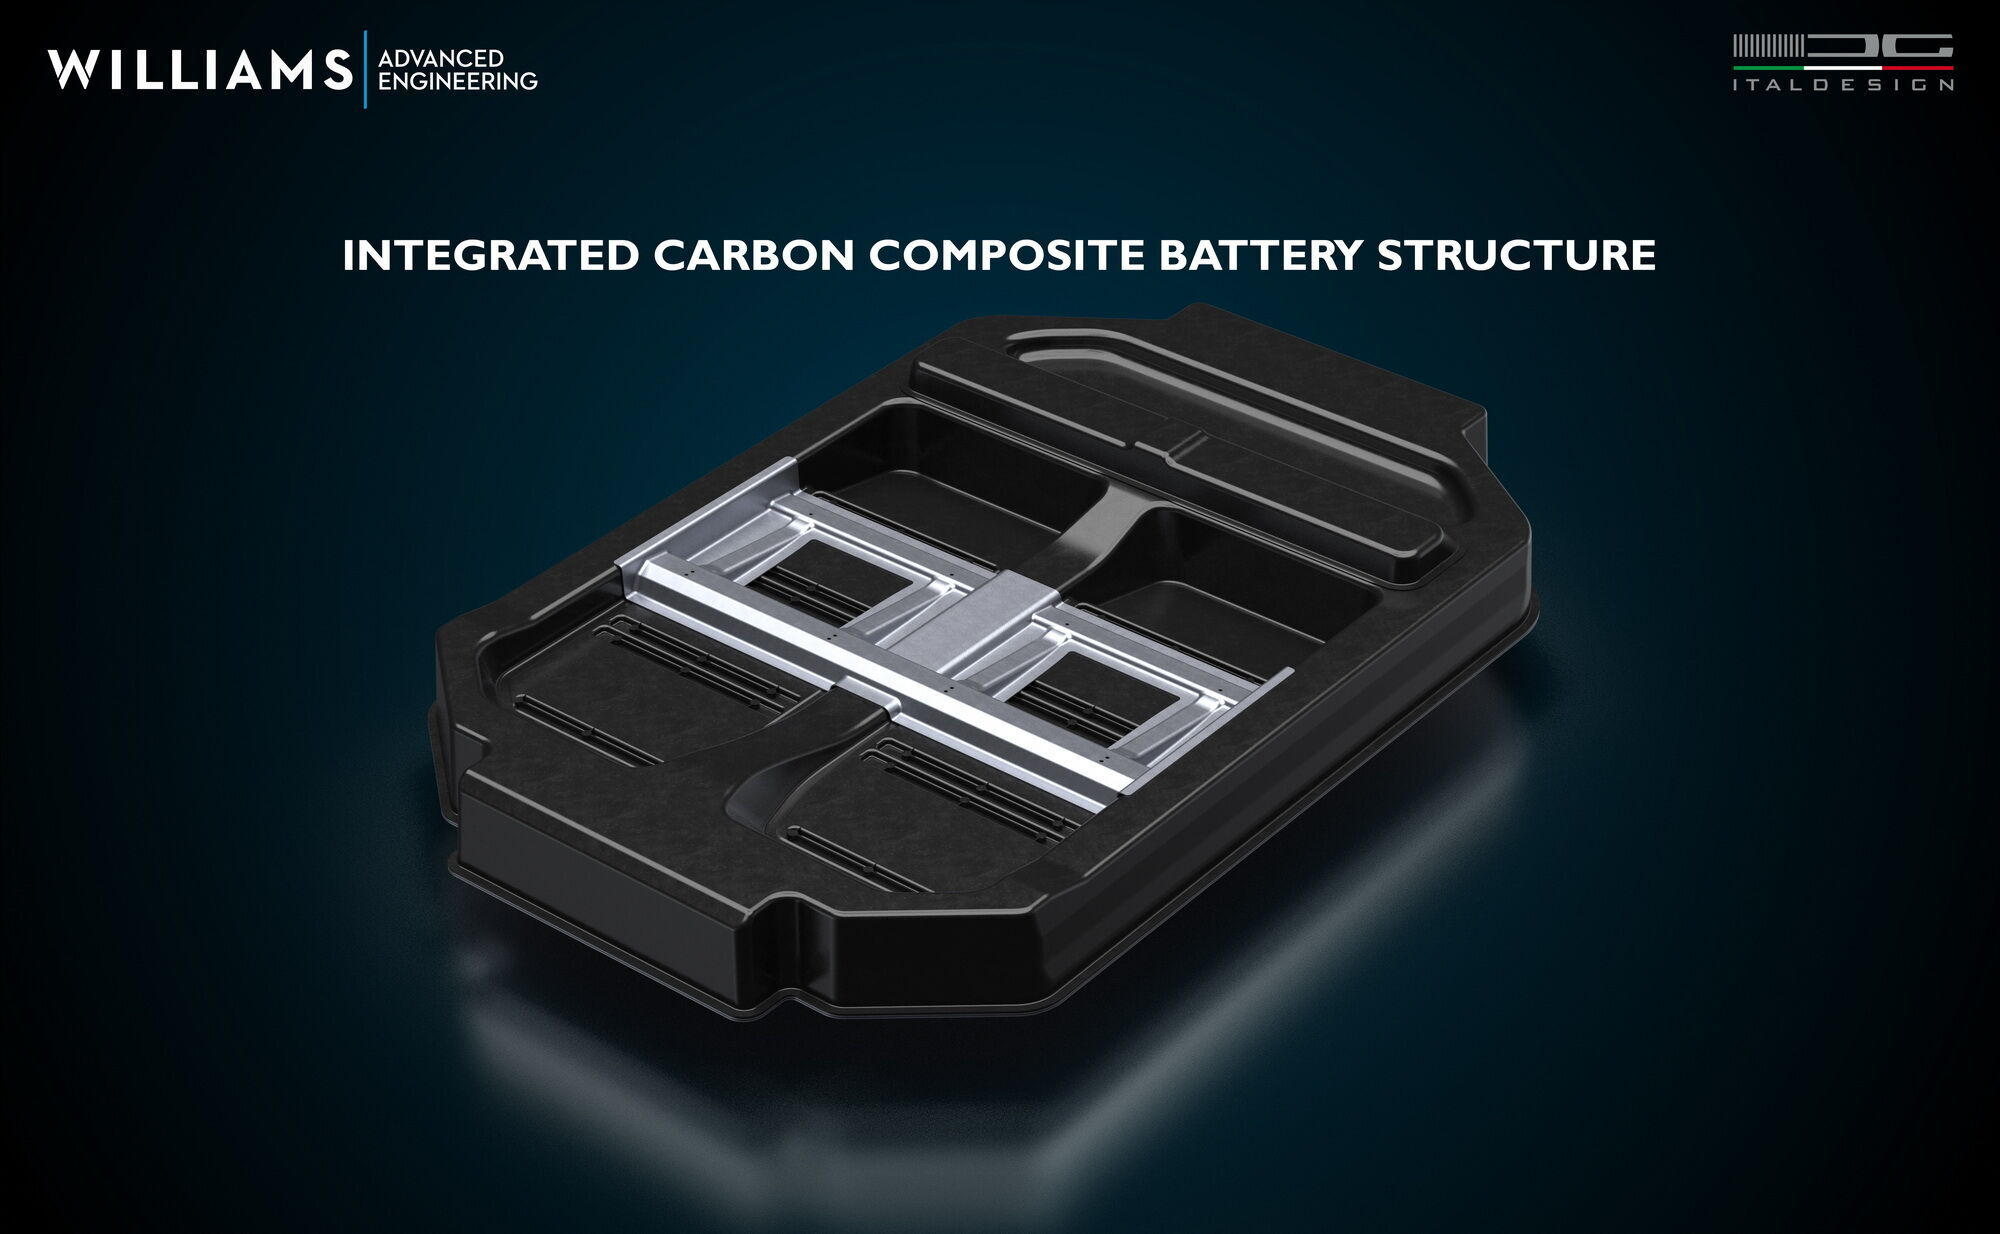 Батарейные модули интегрированы в карбоновый корпус, выполняющий несущую функцию